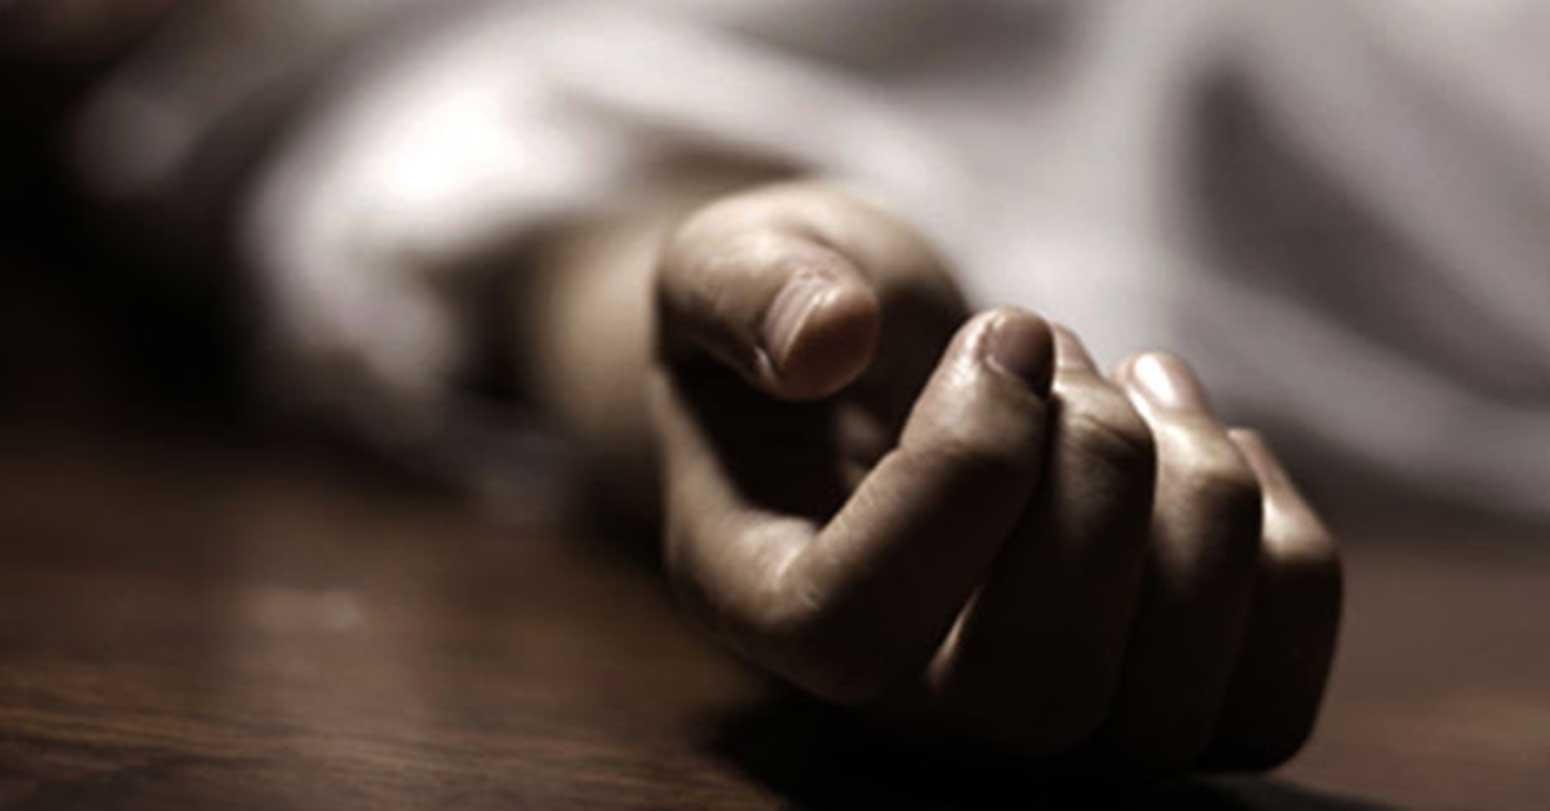 कोरोनाबाट मृत्यु भएकाको अन्त्येष्टि गर्न  परिवार वा समुदायले पाउने